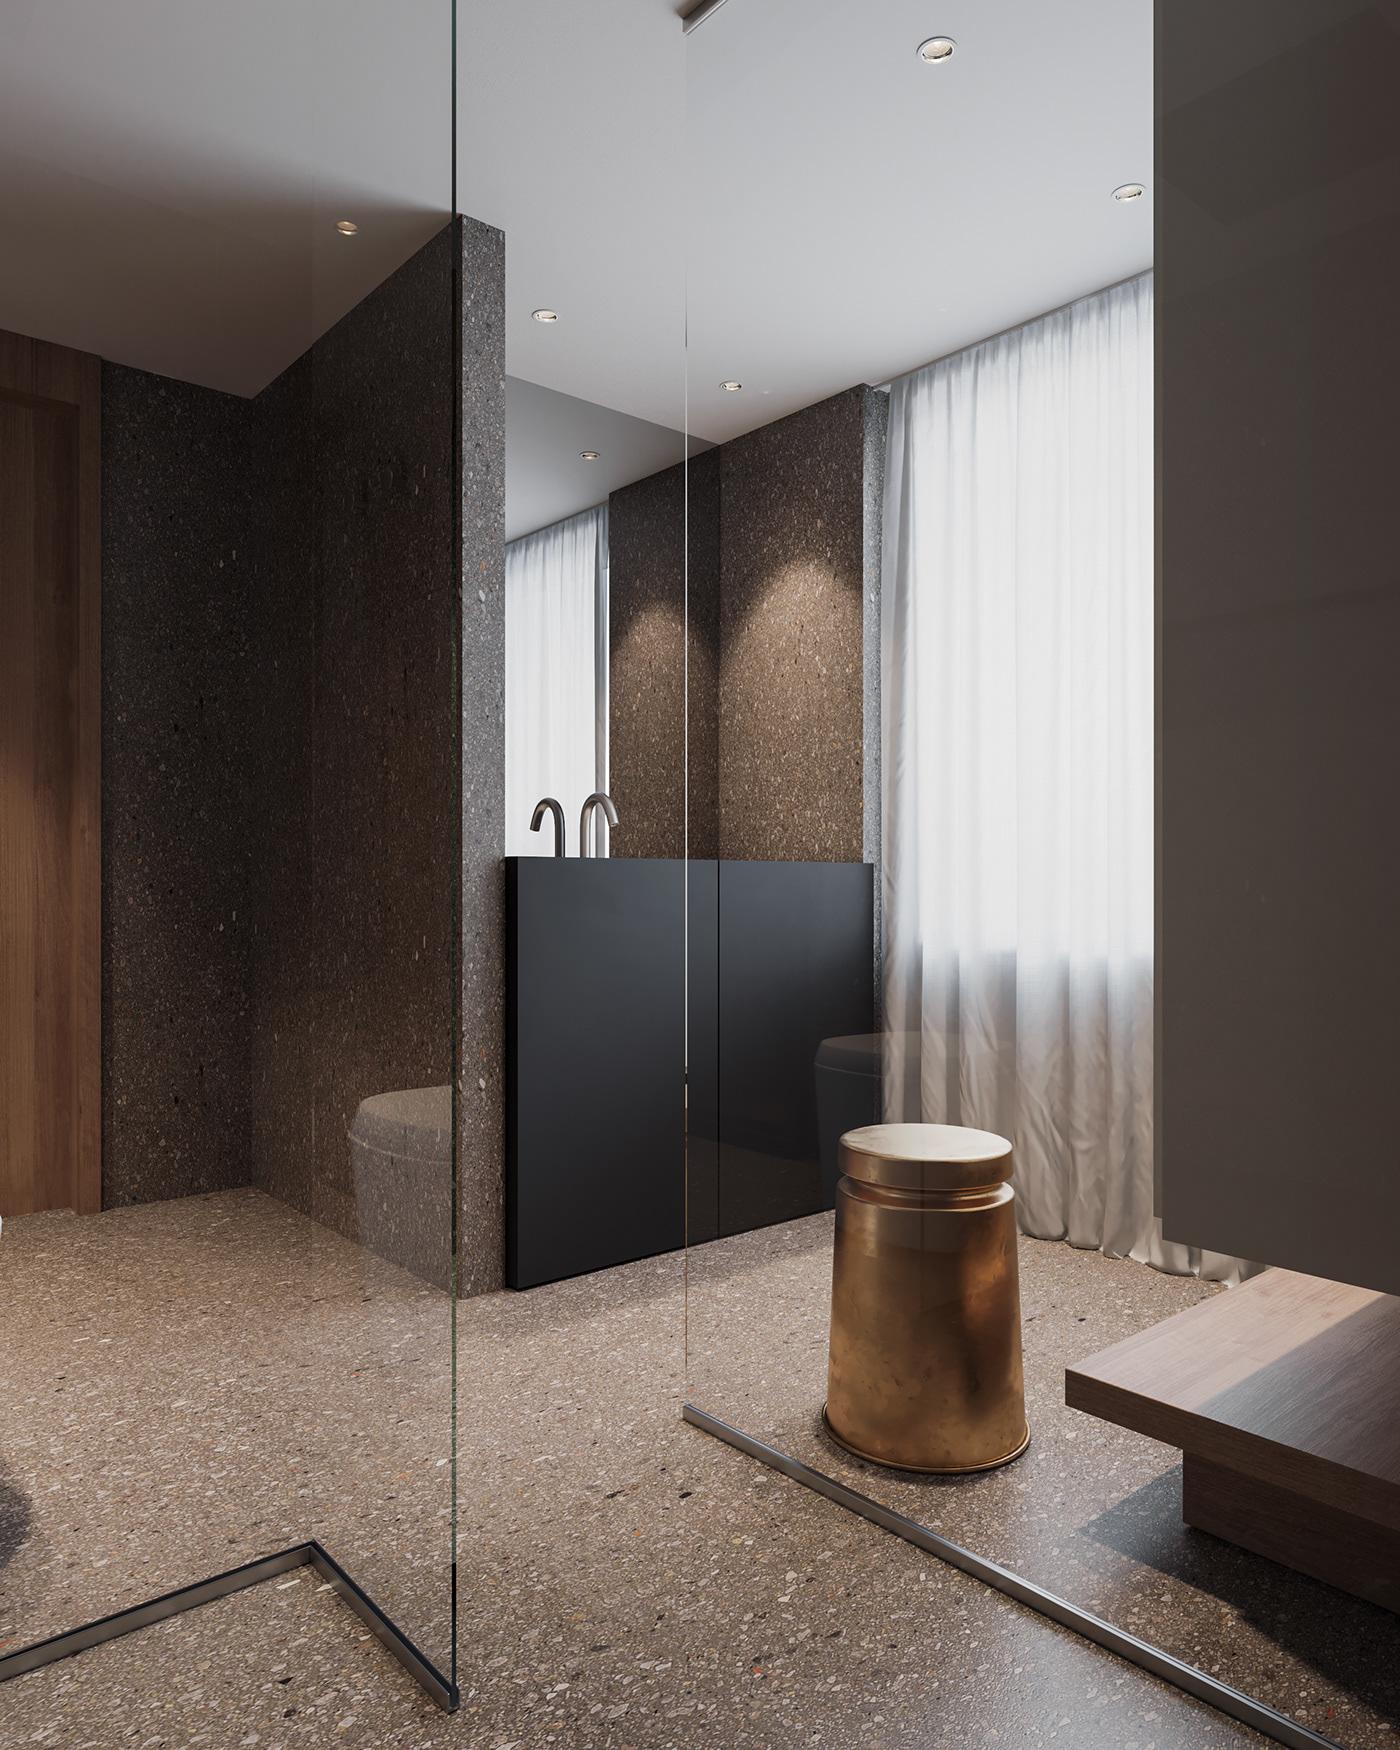 architecture archviz CGI corona renderer interior desig Minimalism Modern Design Render visualization